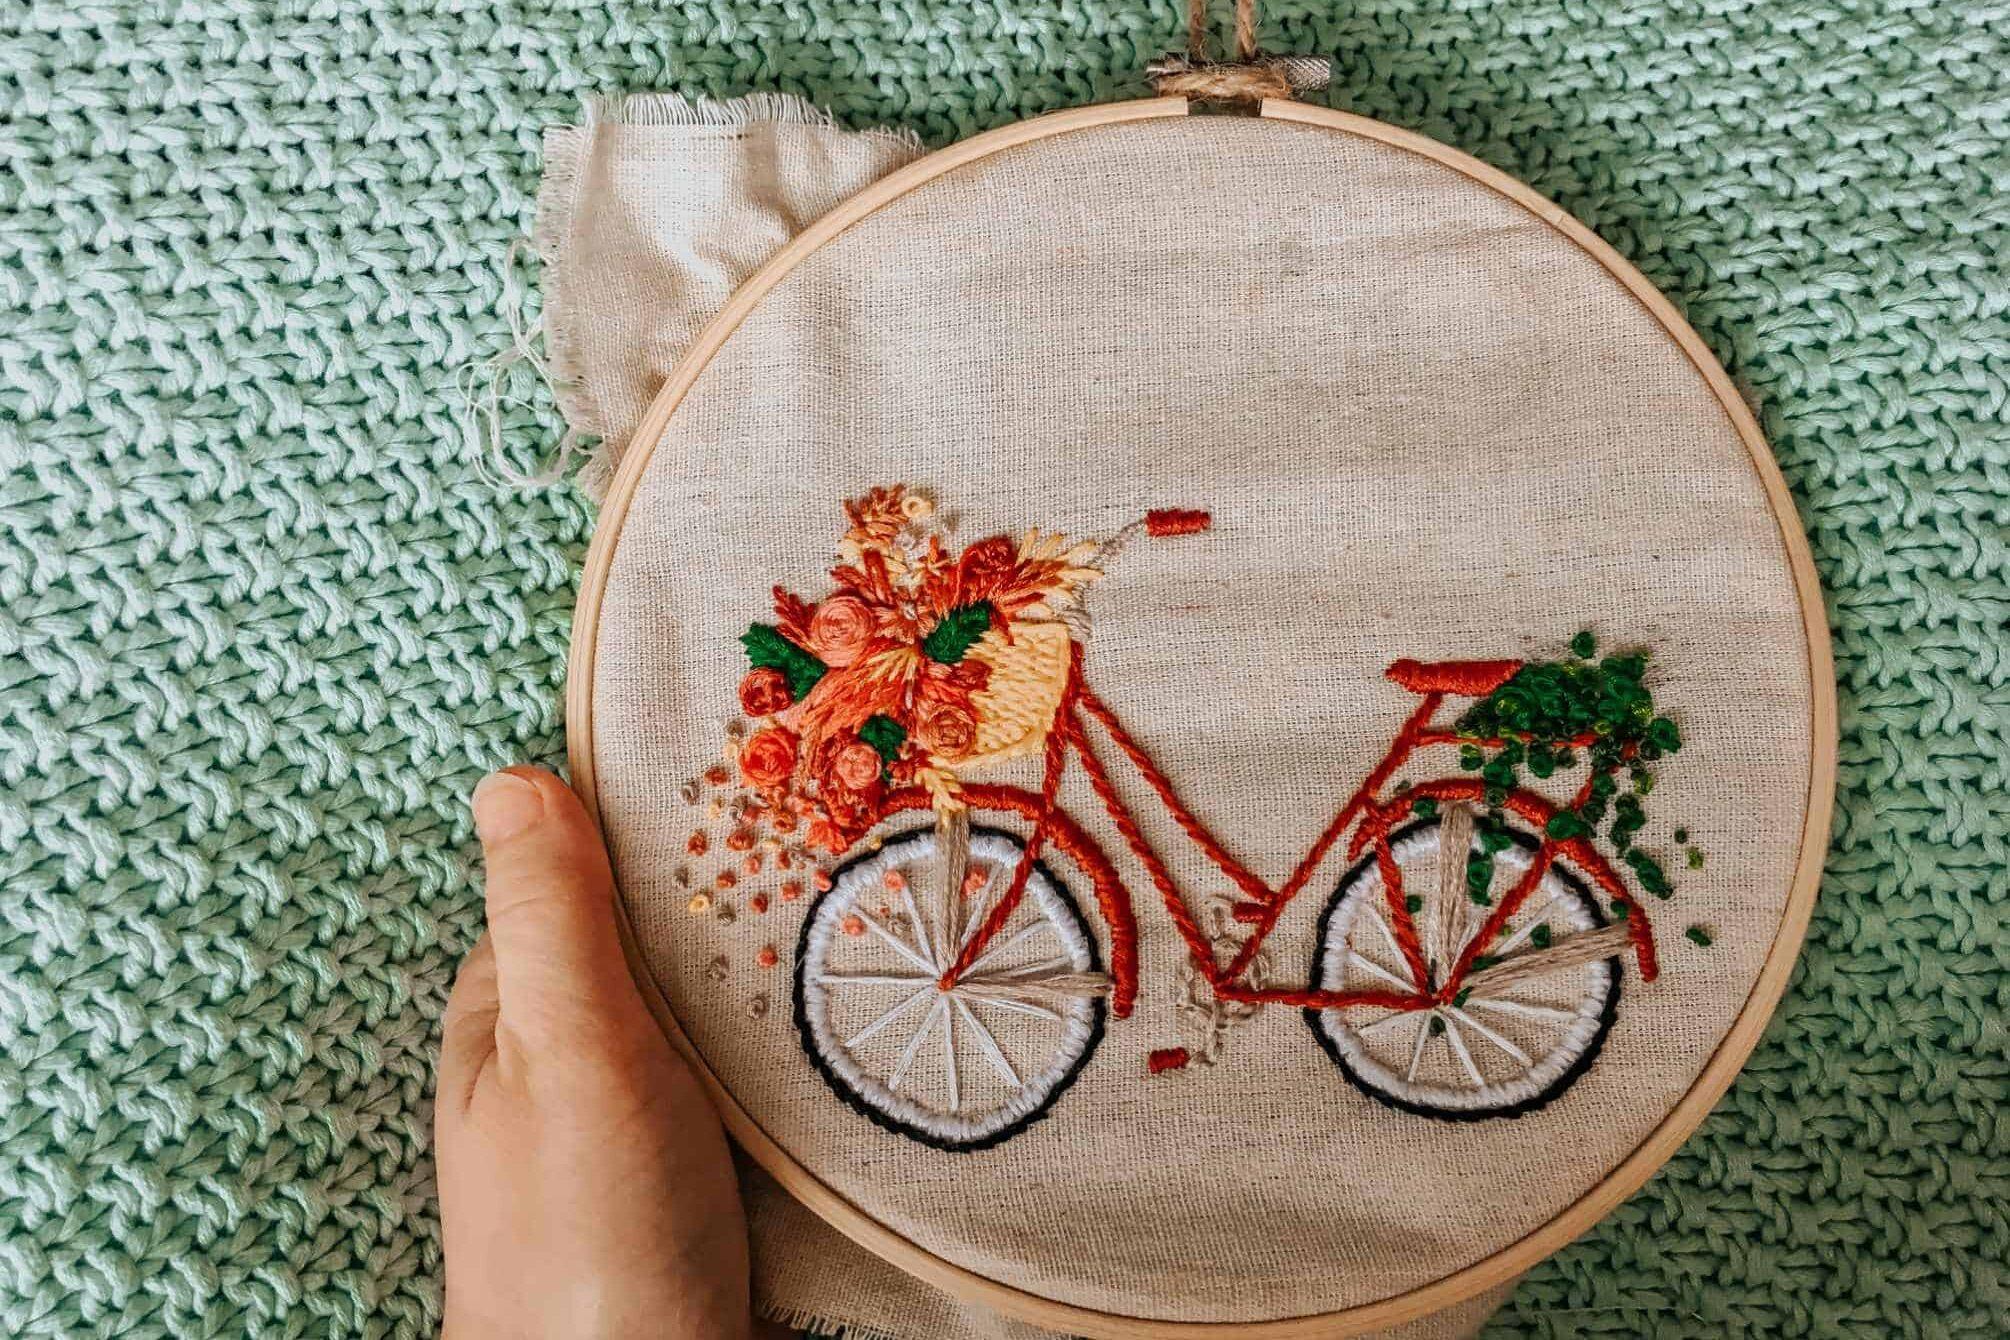 Fahrrad mit Blumen gestickt